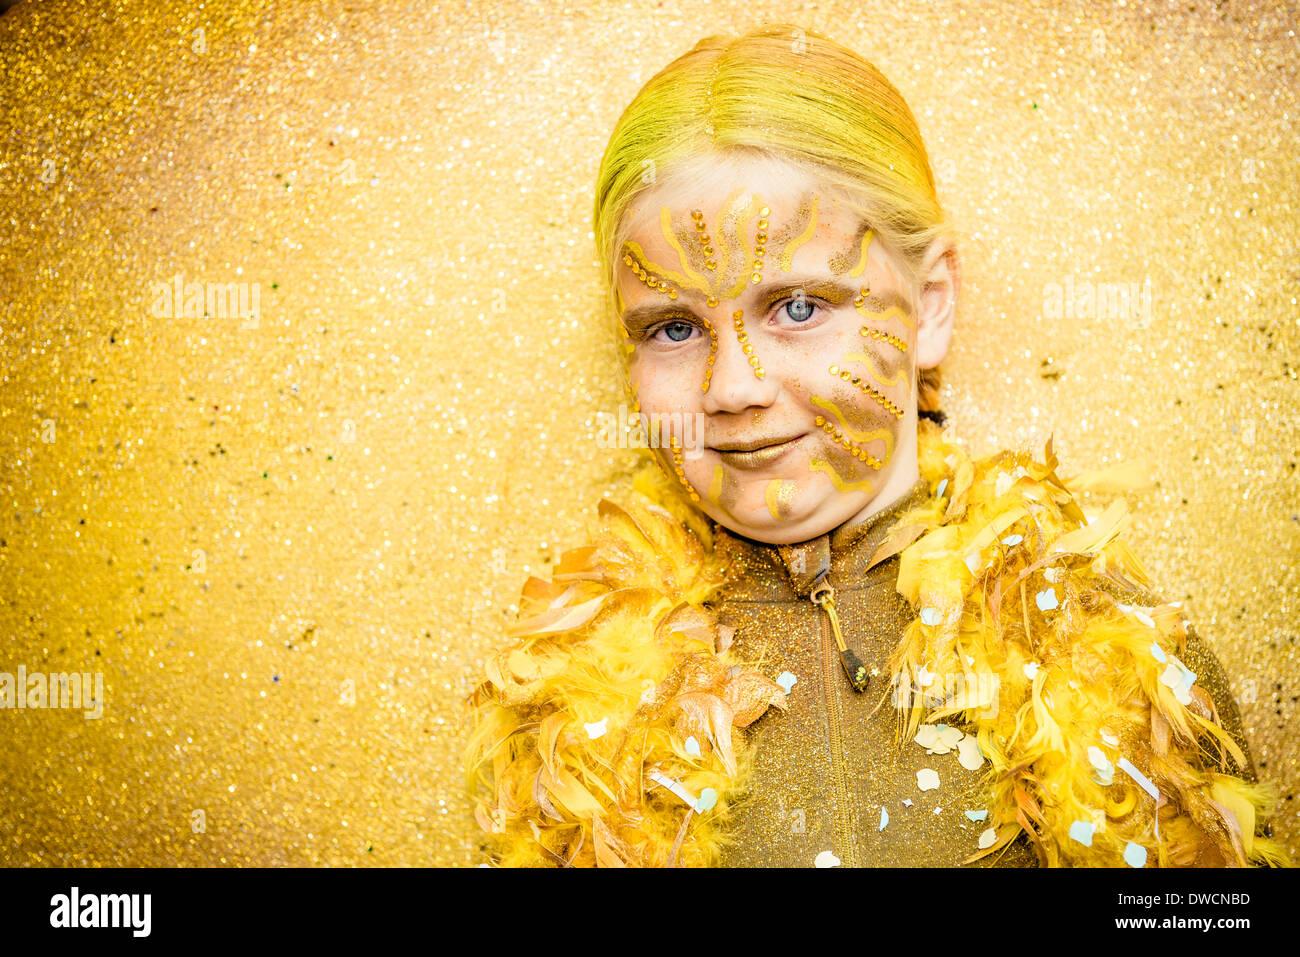 Sitges, Spagna. 4 marzo 2014: una ragazza in un costume di fantasia danze durante il i bambini sfilata di carnevale Immagini Stock